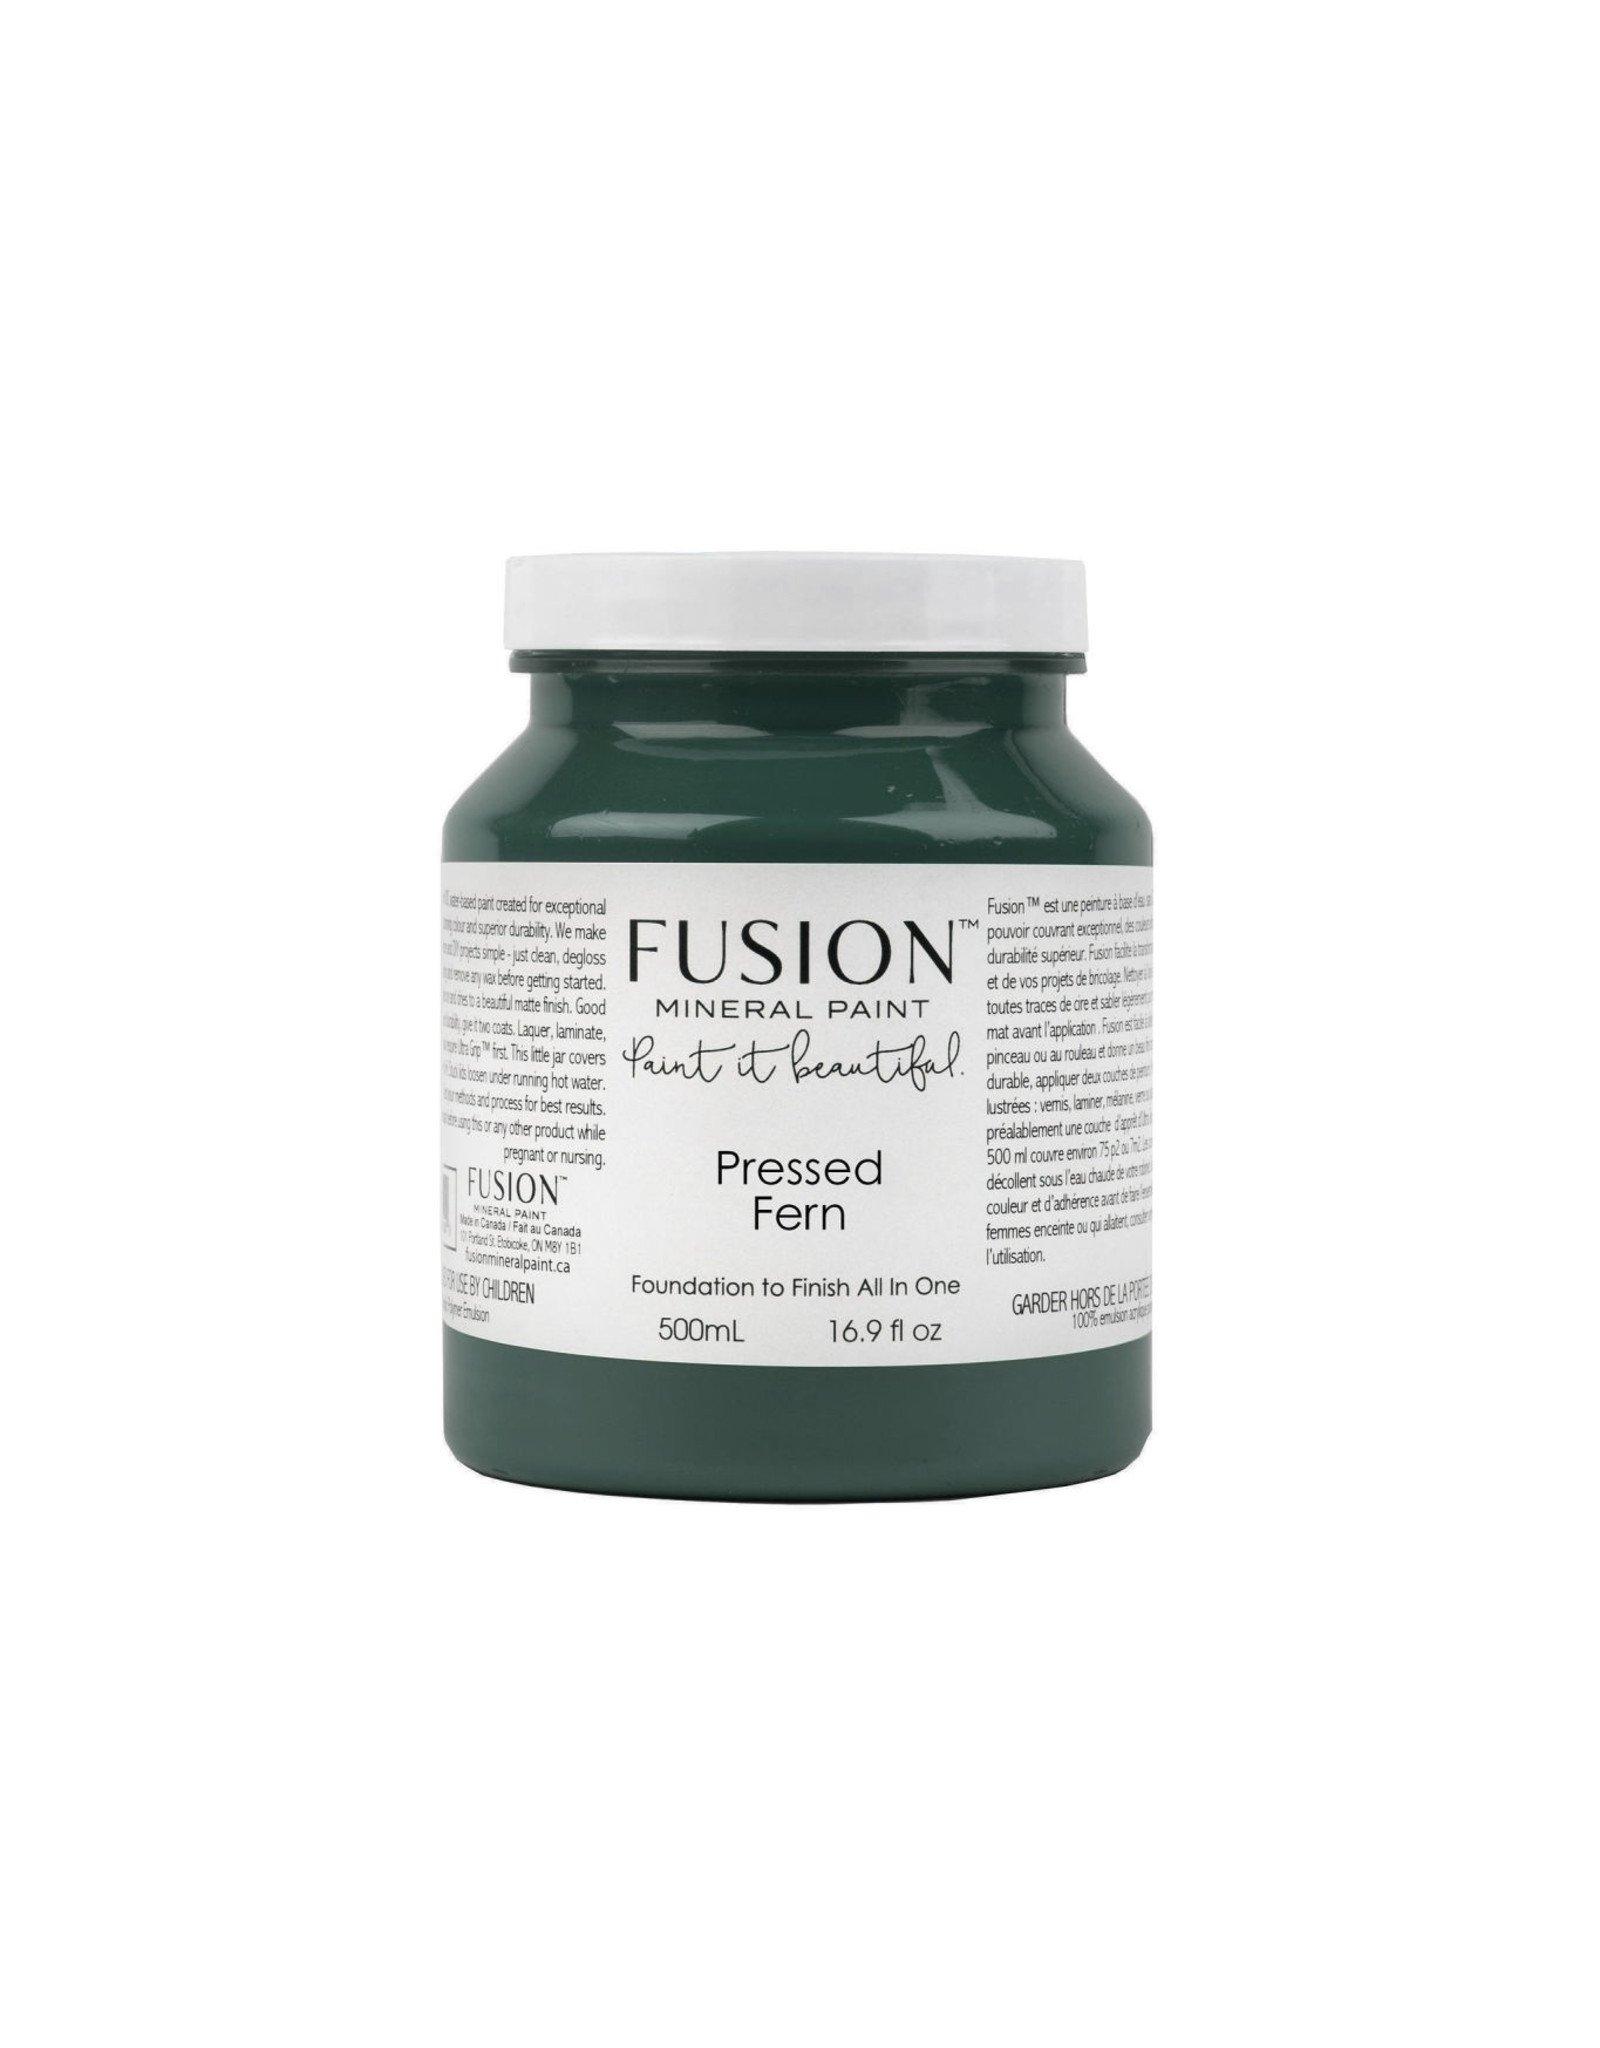 Fusion Mineral Paint Fusion Mineral Paint - Pressed Fern 500ml